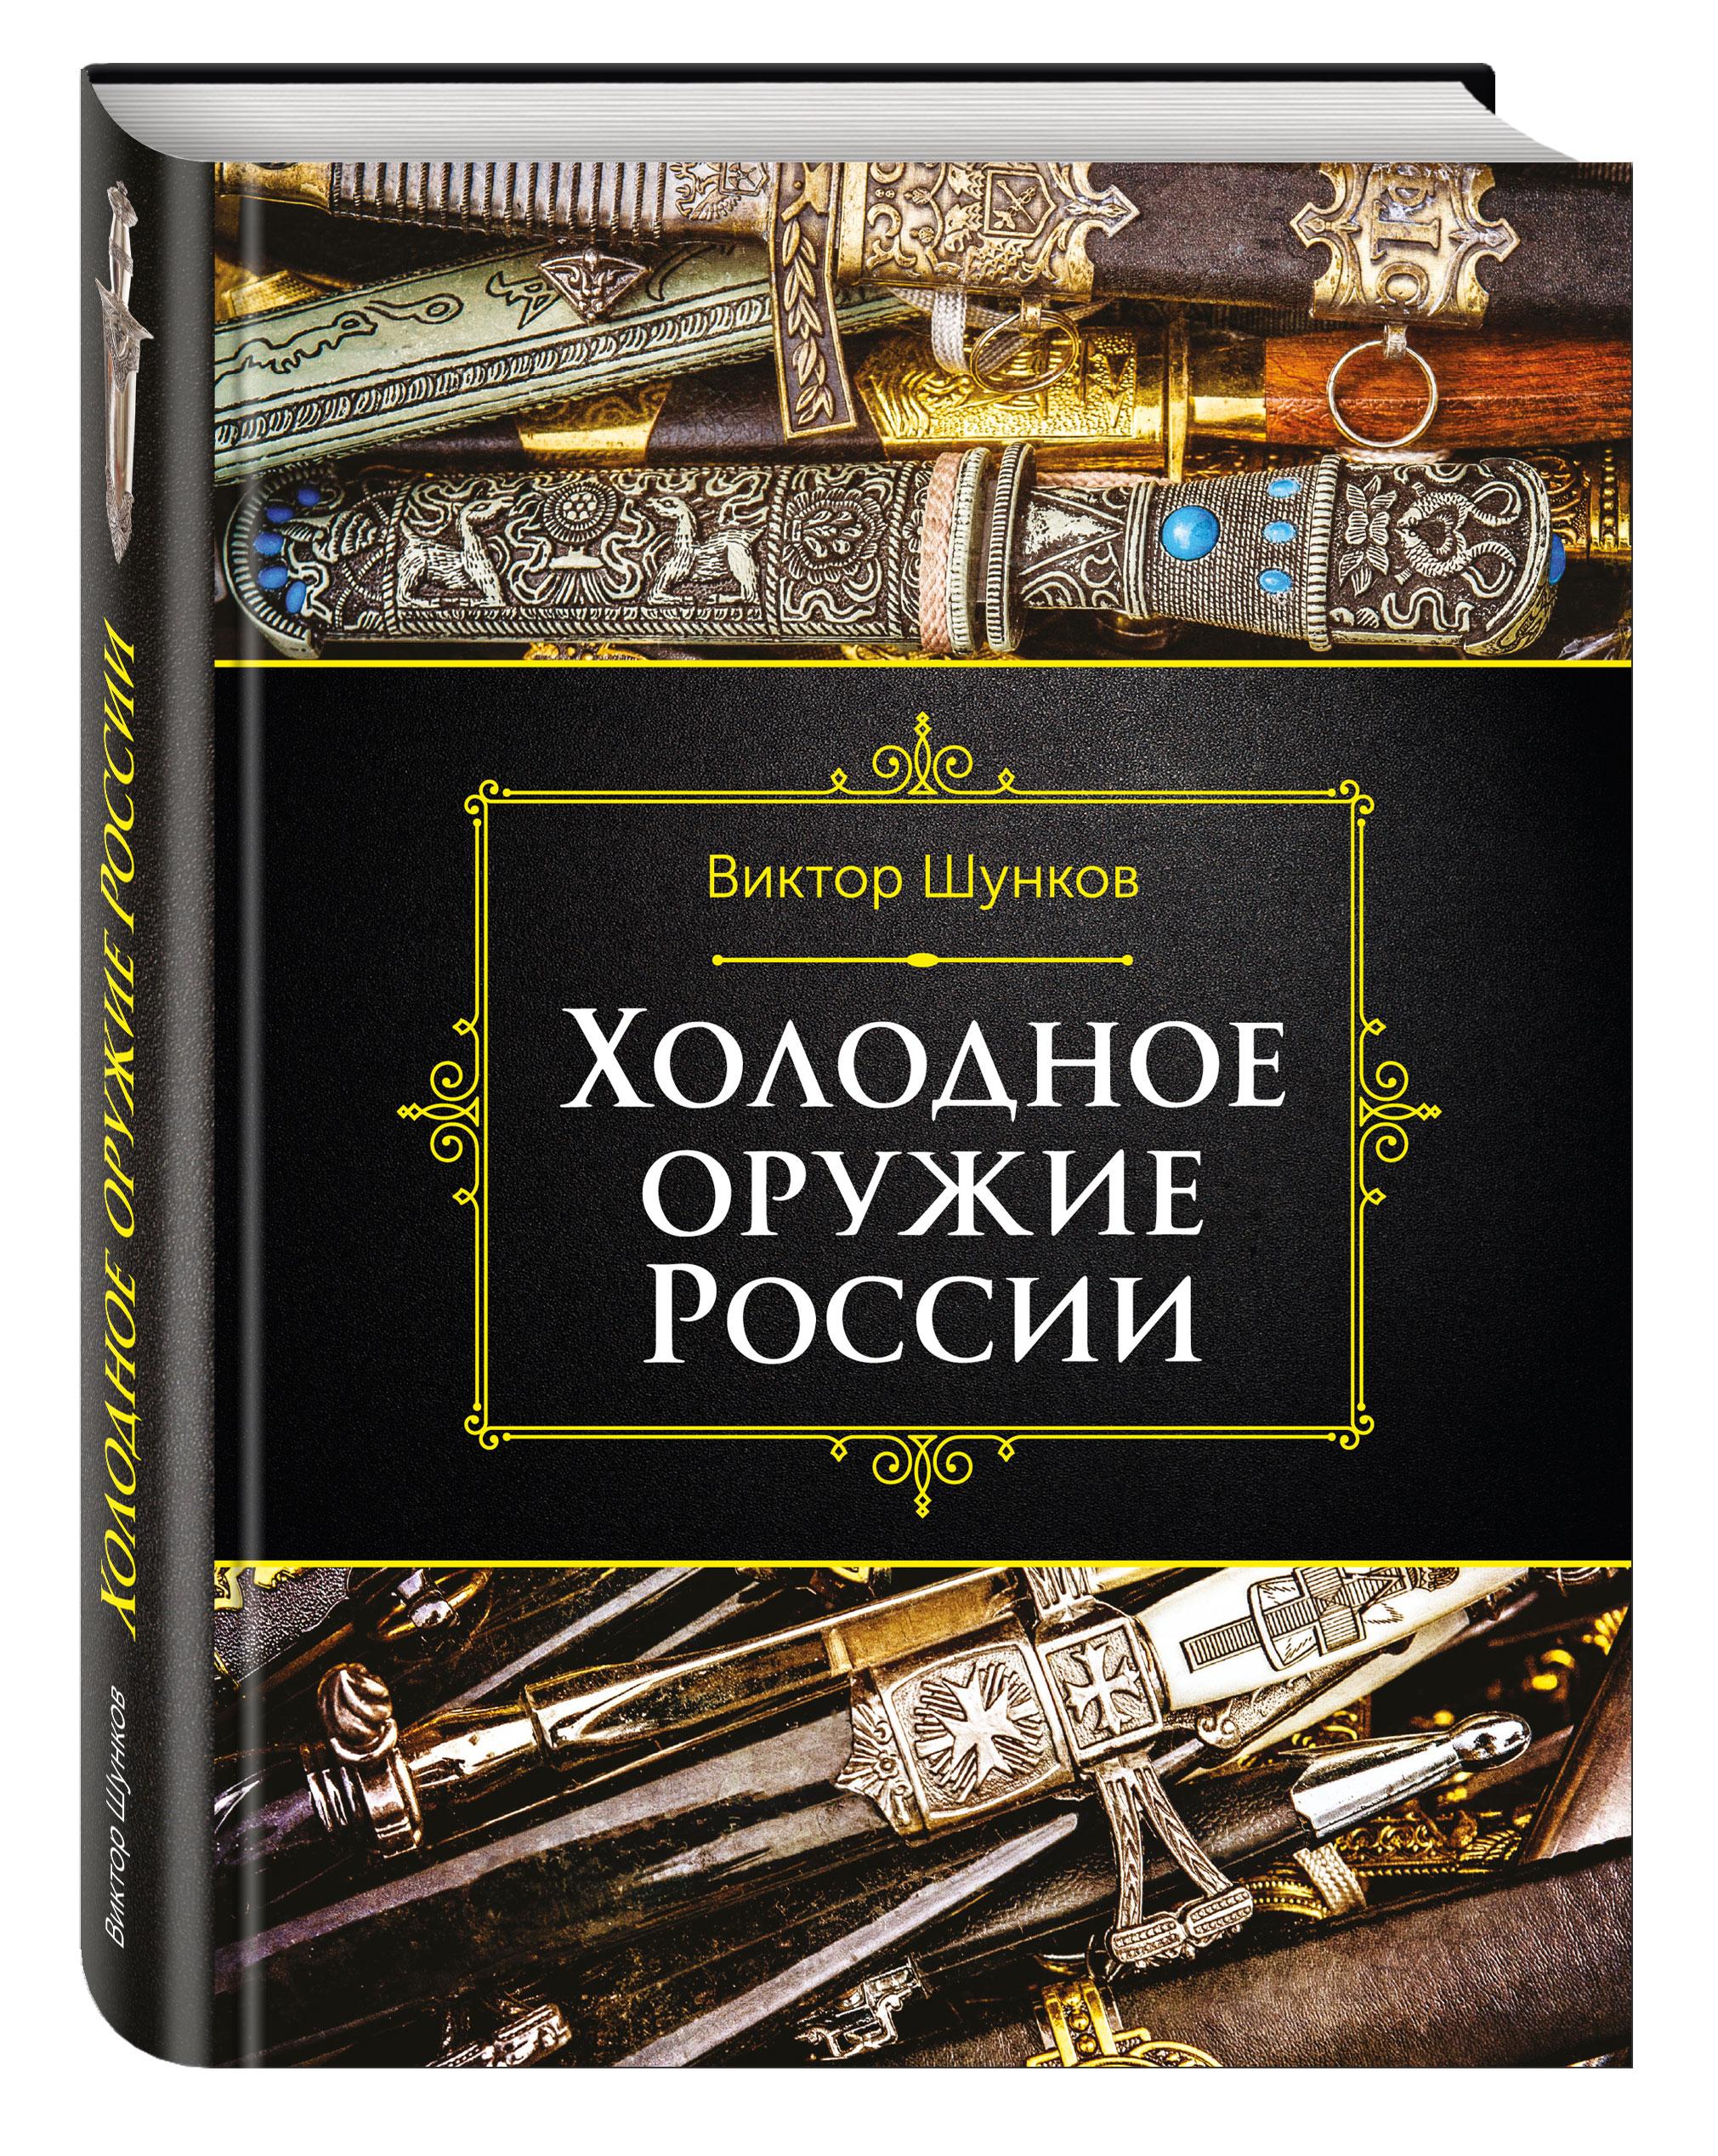 Шунков В. Холодное оружие России, 2-е изд.